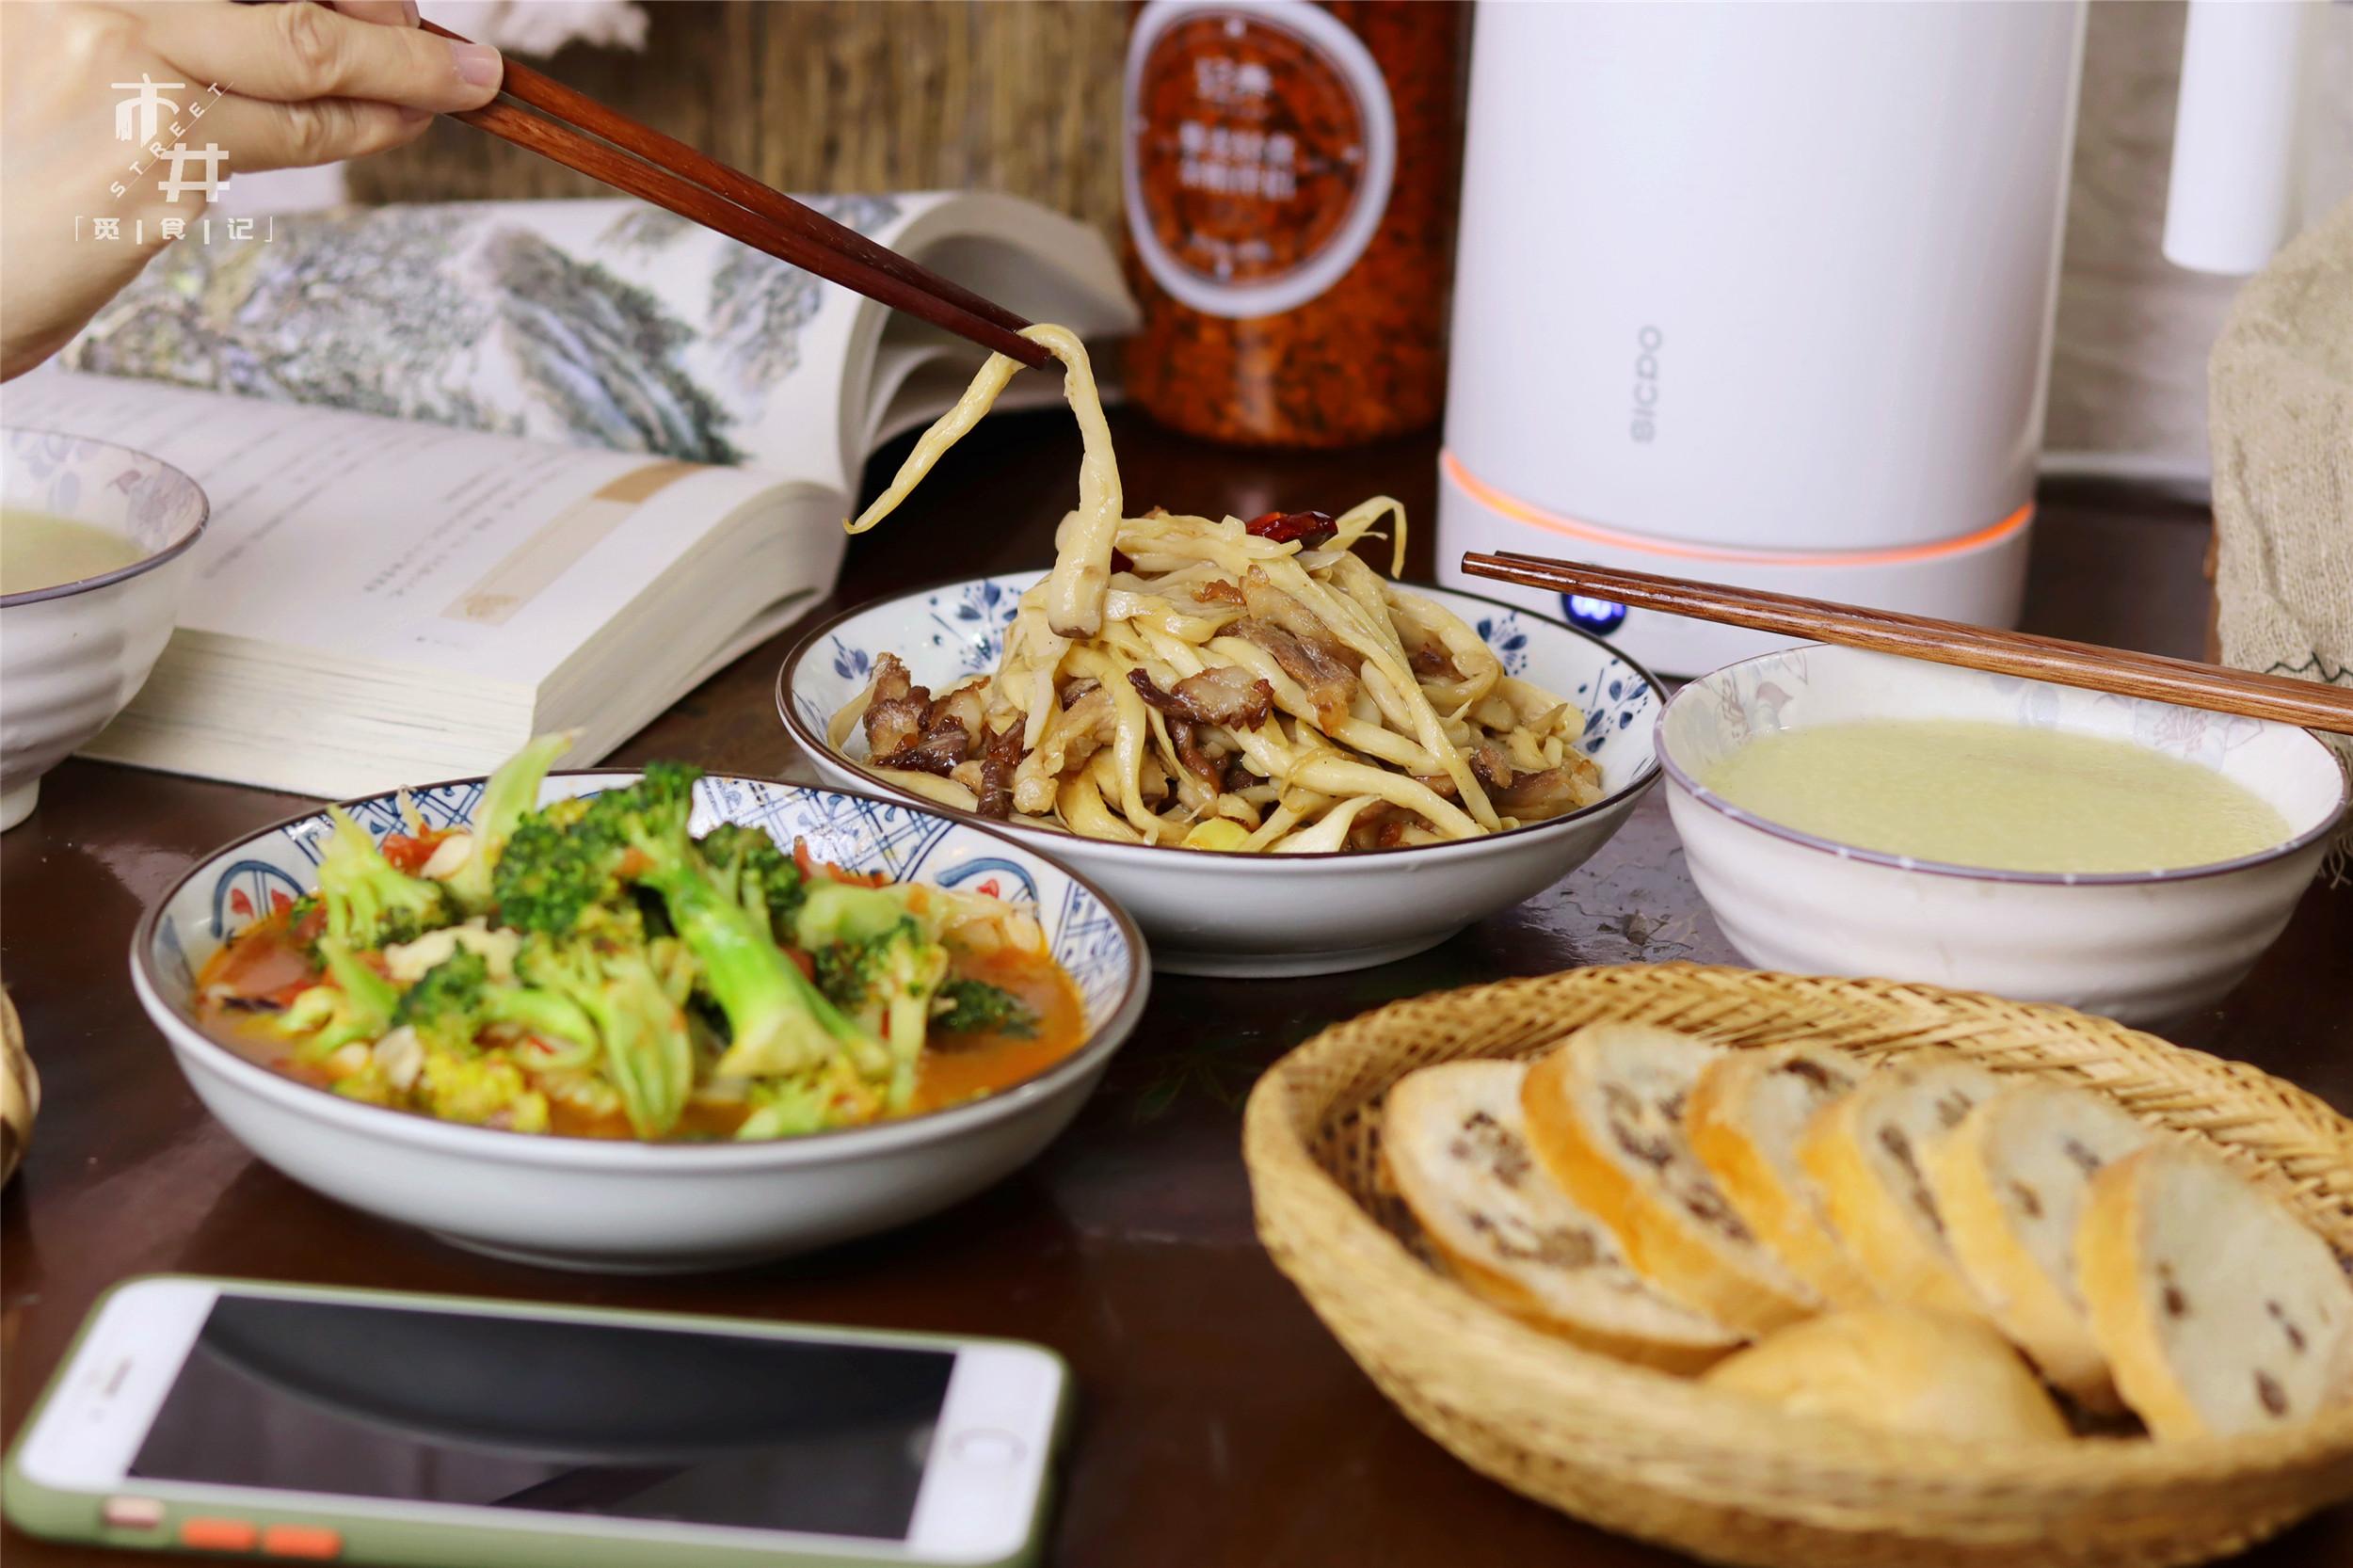 小两口的极简晚餐,2菜1汤,吃得饱饱又不浪费,省事儿 美食做法 第14张